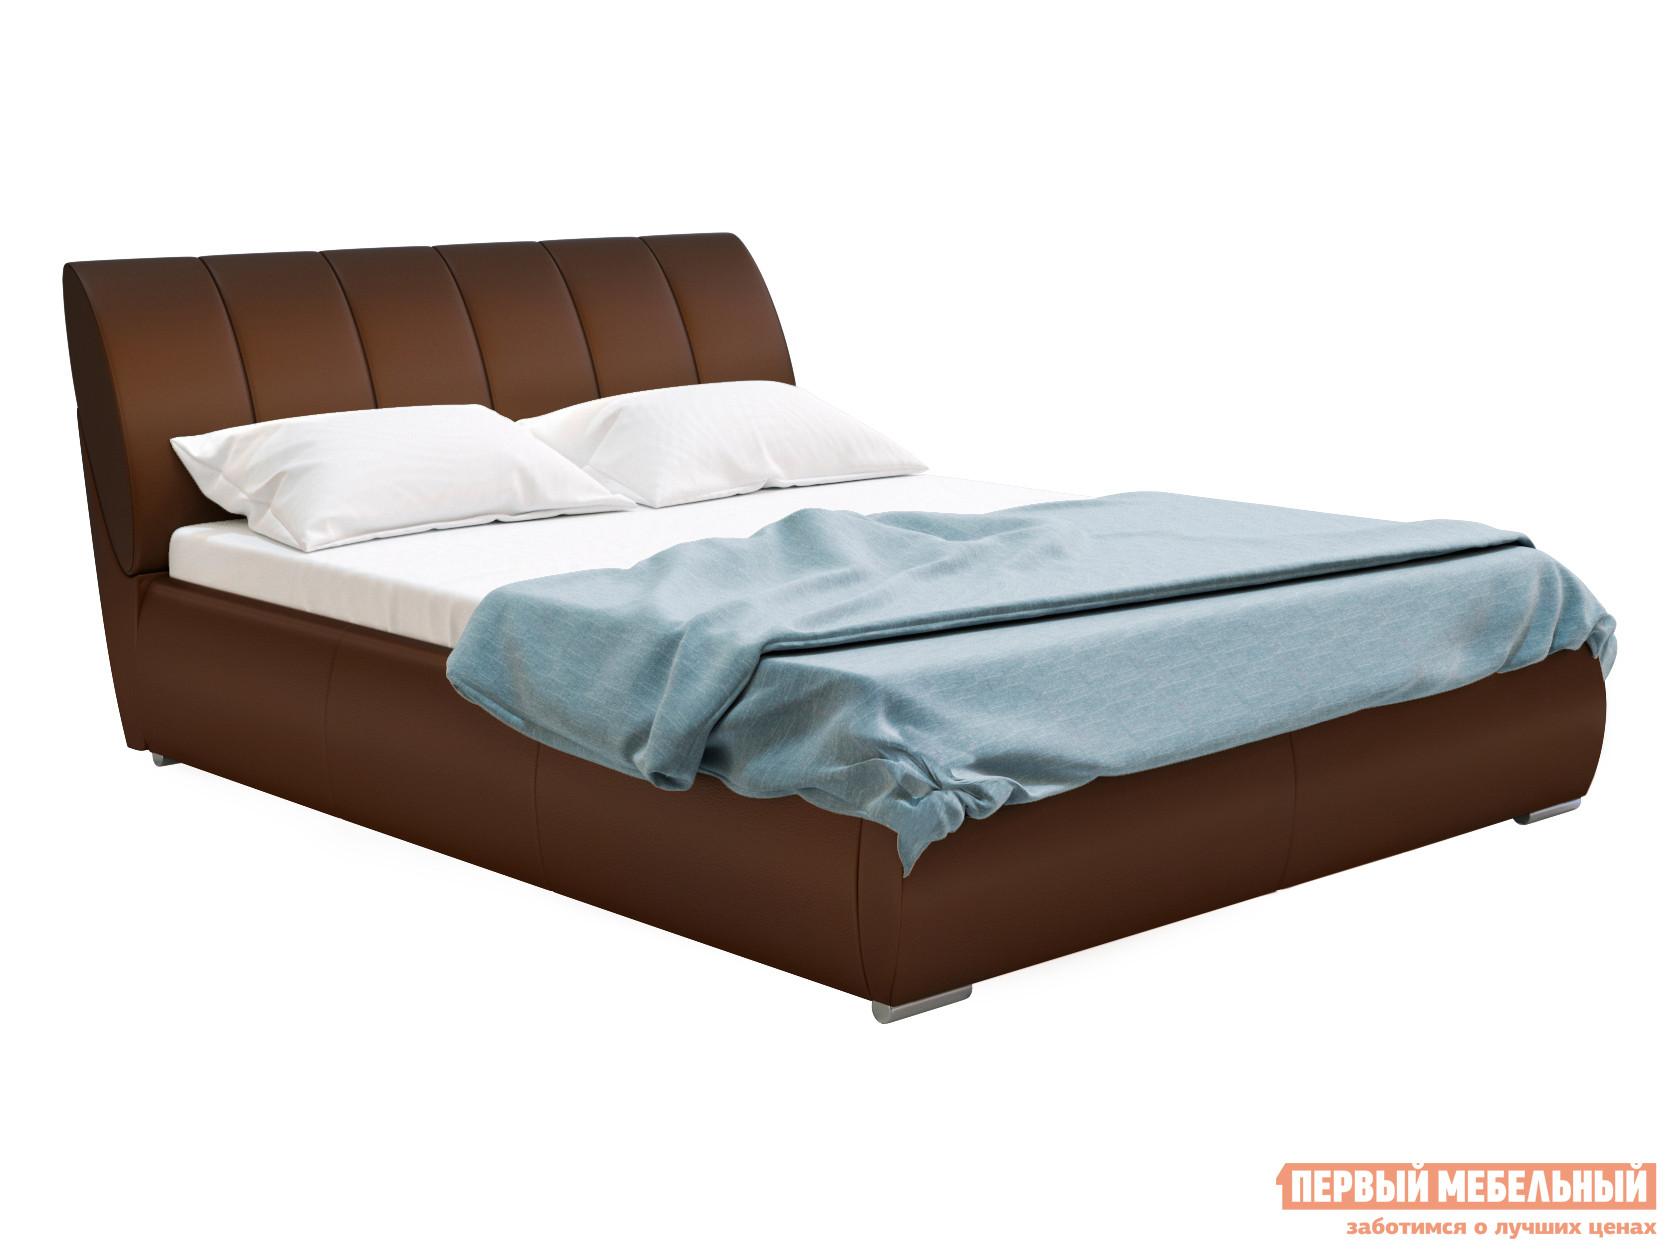 Двуспальная кровать с подъемным механизмом Первый Мебельный Паринда